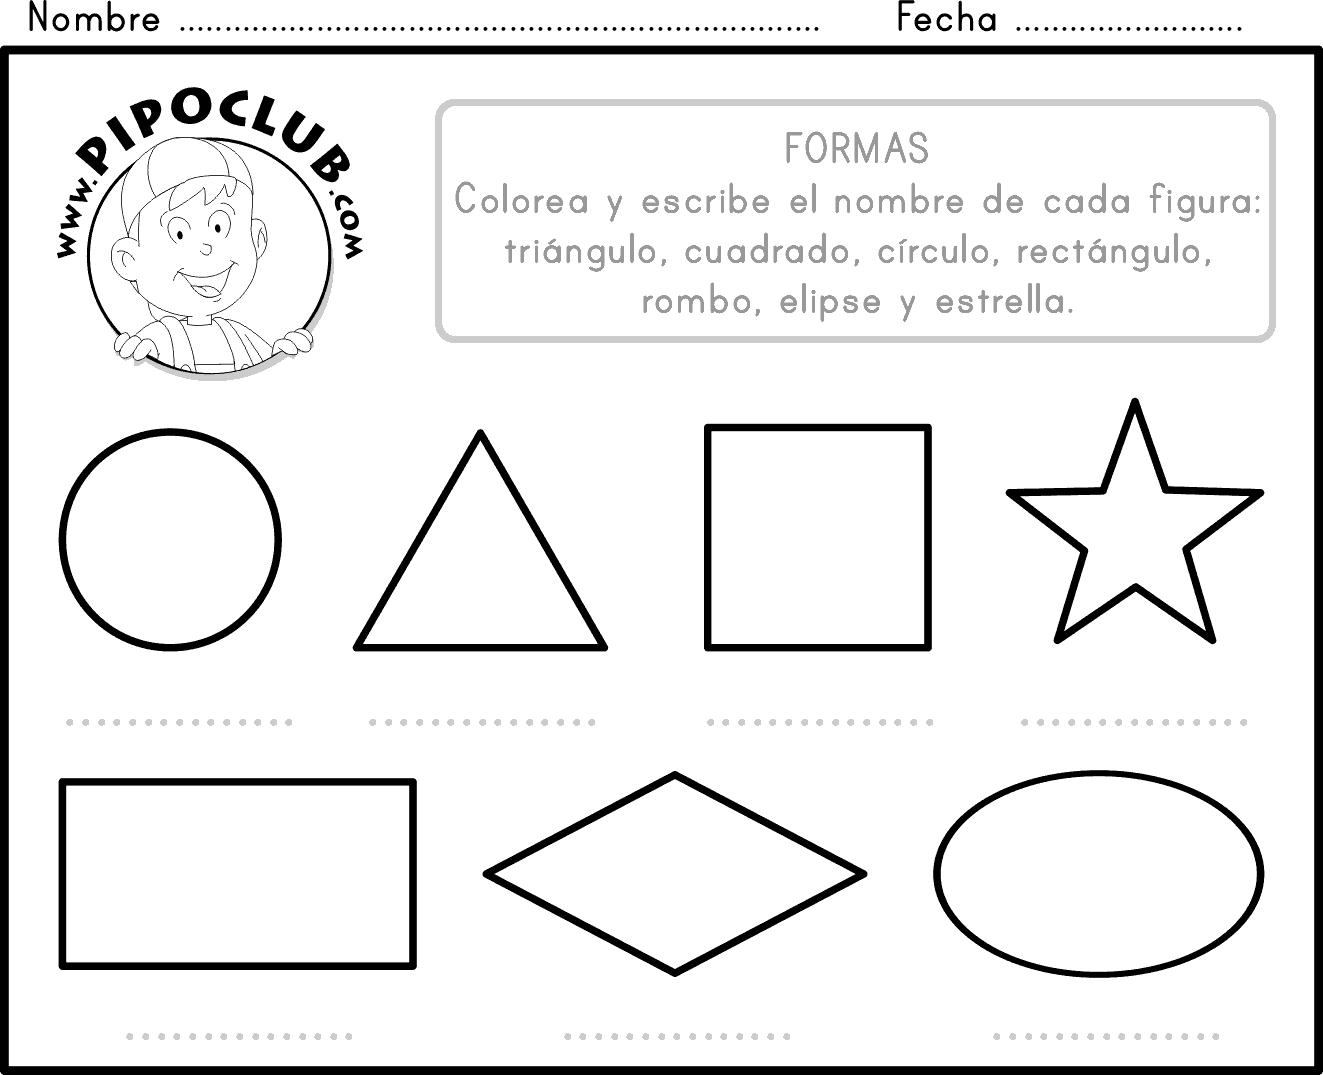 Ejercicios de figuras geometricas para preescolar - Imagui